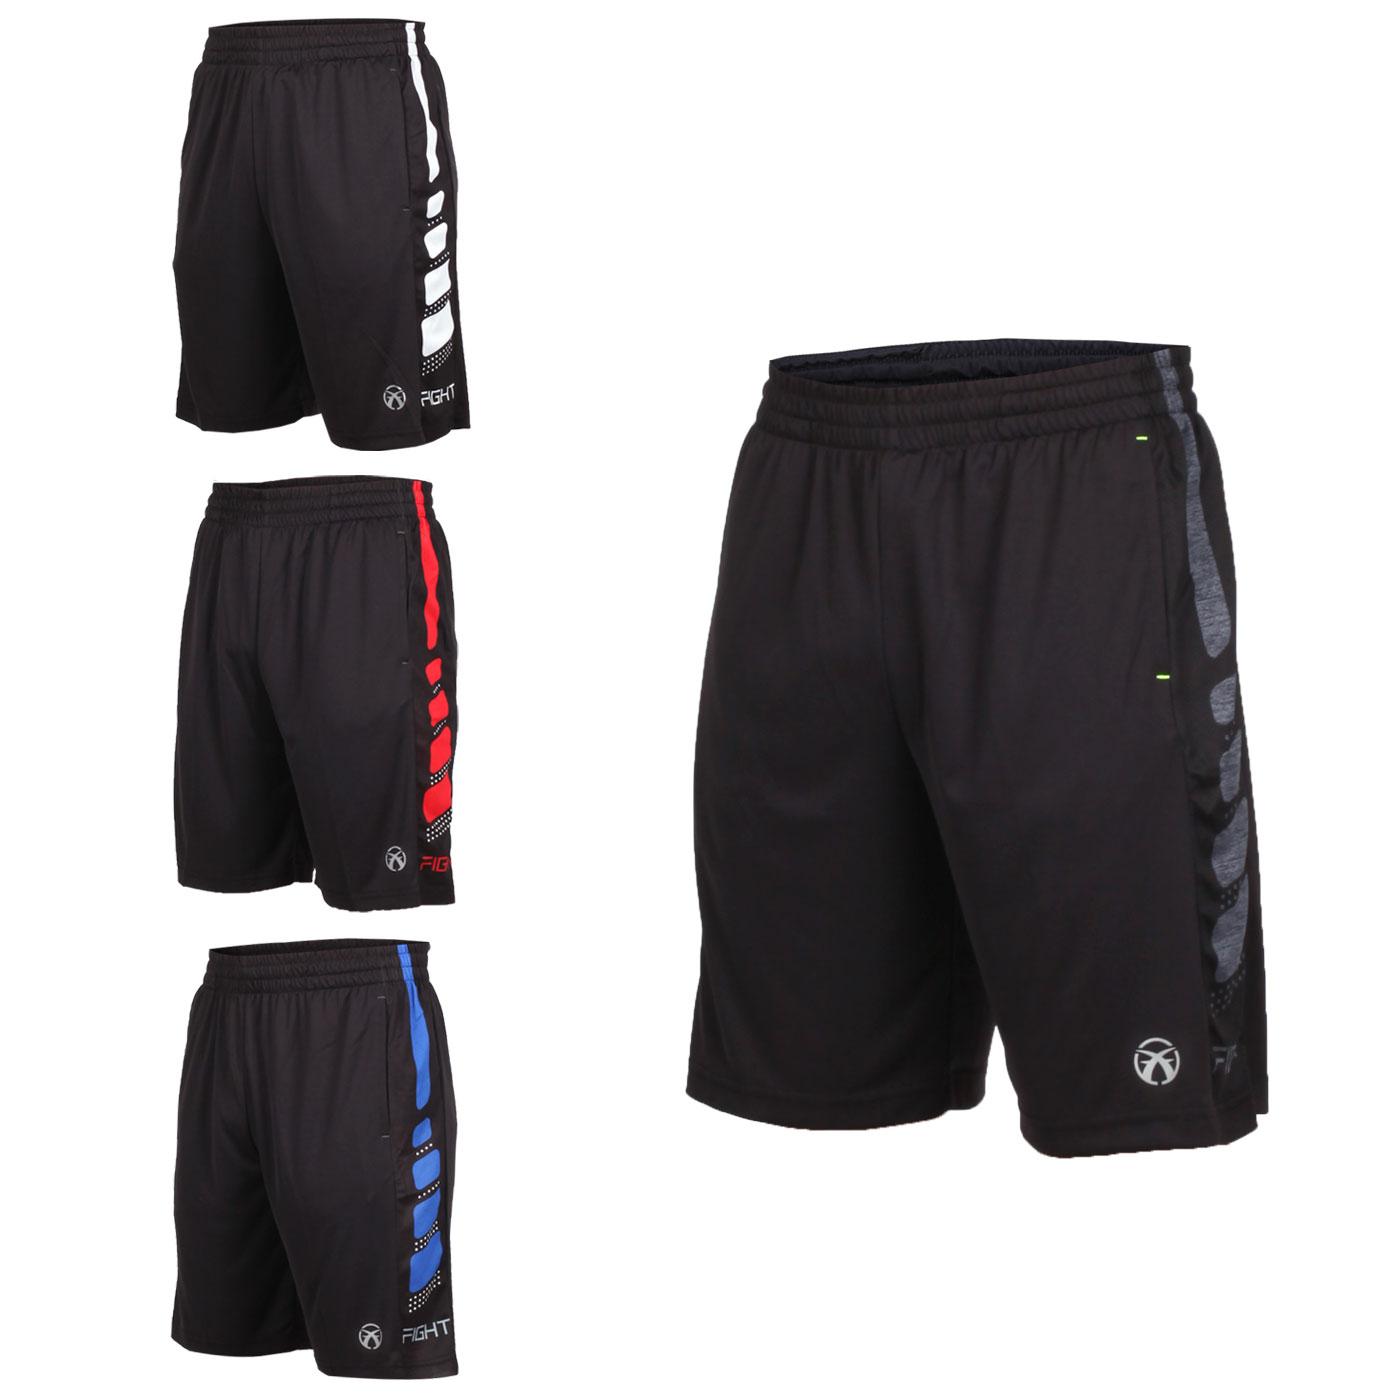 FIRESTAR 男款吸濕排汗籃球短褲 B9201-18